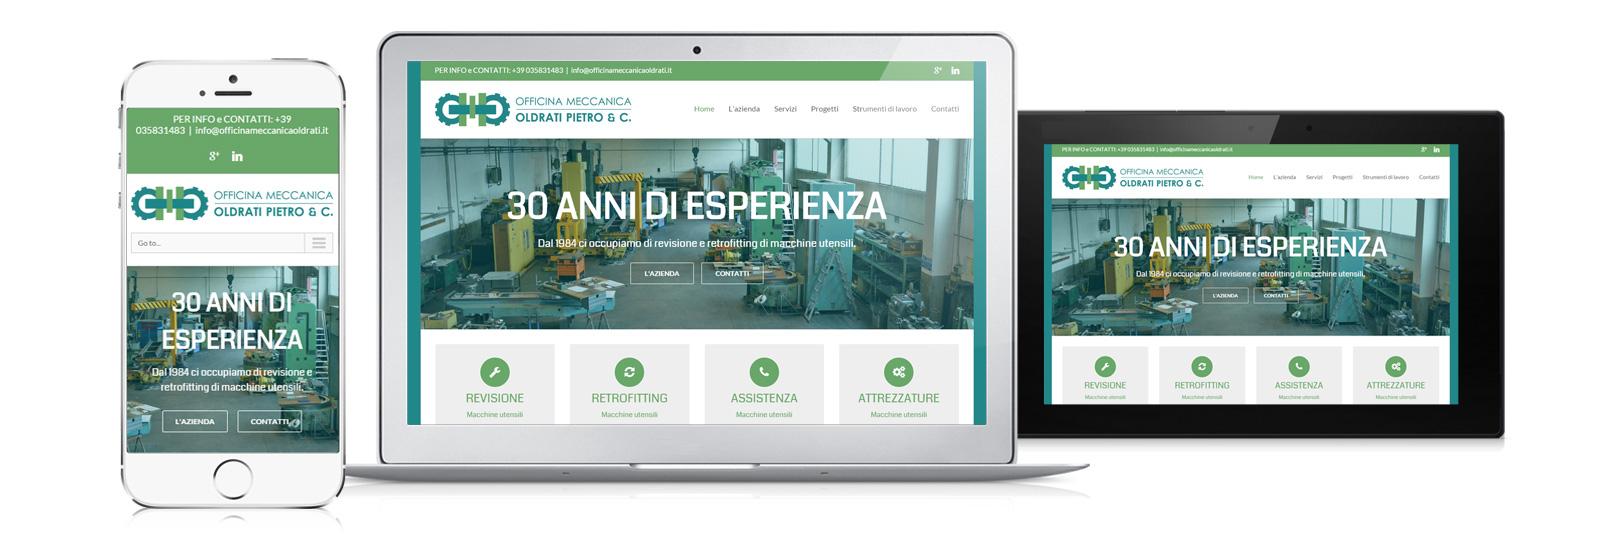 Creazione sito Officina Meccanica Oldrati